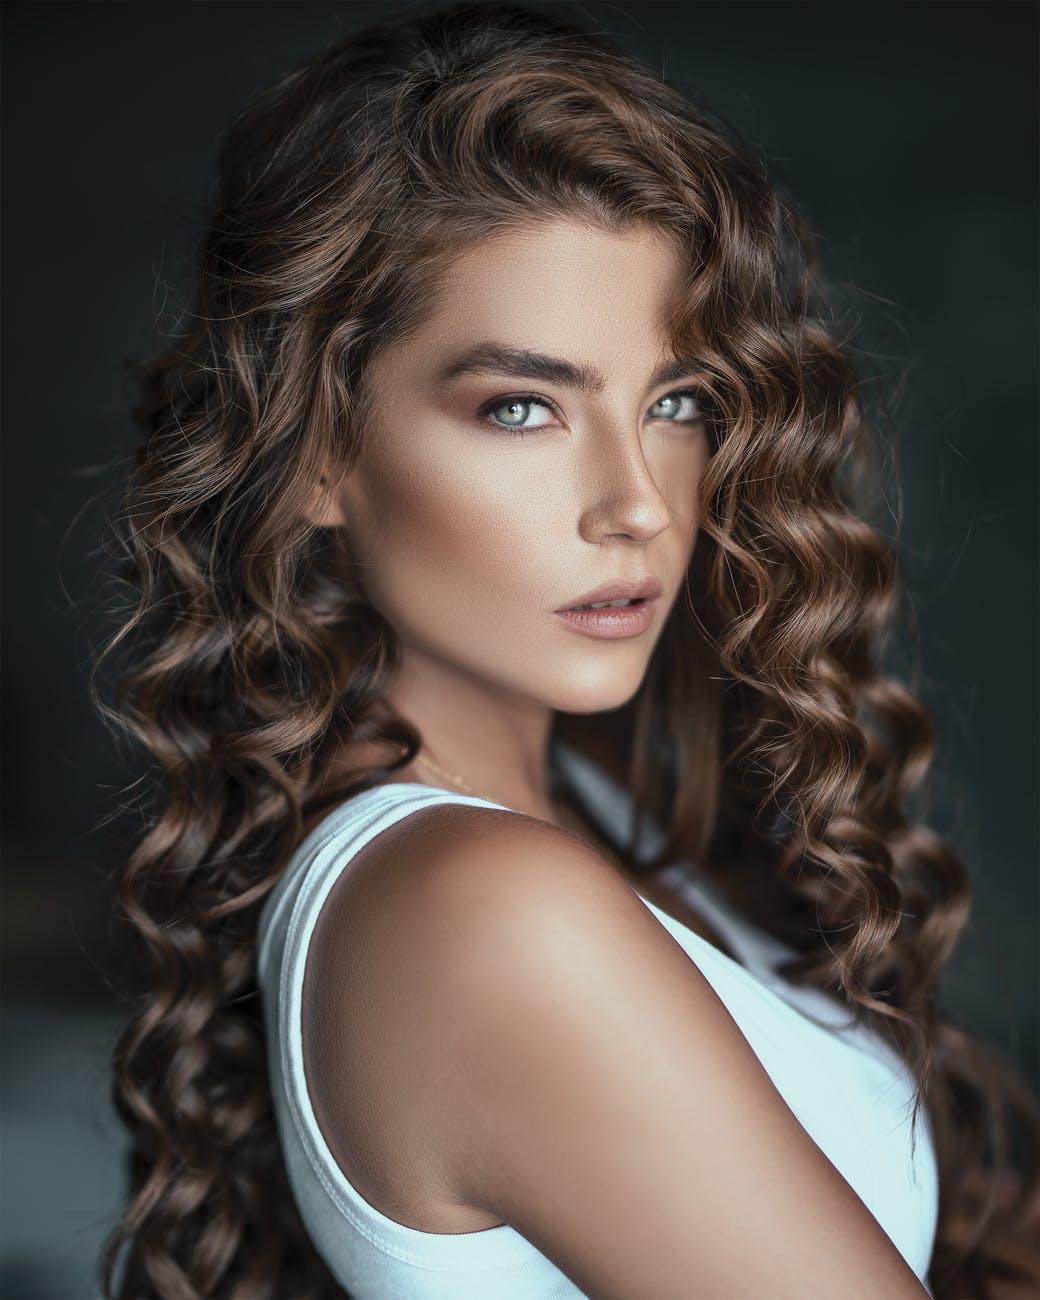 Contacter KARIN MODELS | Agence Mannequins Paris (casting, book, contact) - Célébrités de l'agence de mannequins de Paris KARIN MODELS